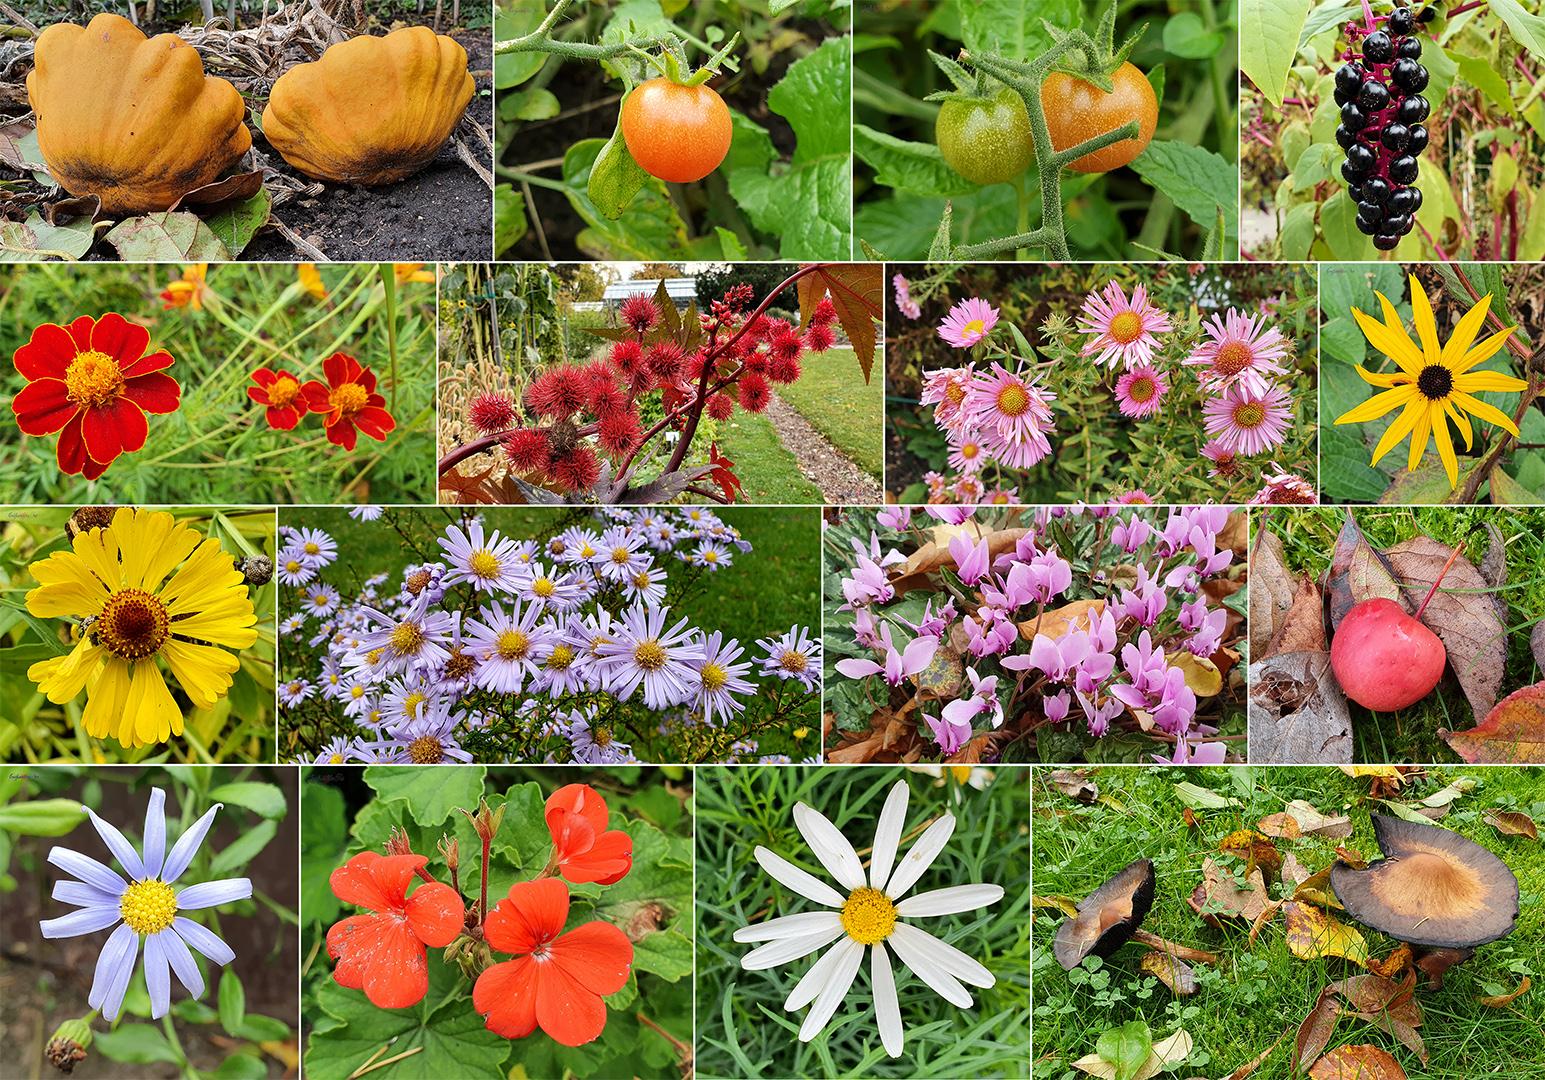 Blüten und Früchte im Monat Oktober im Botanischen Garten Greifswald